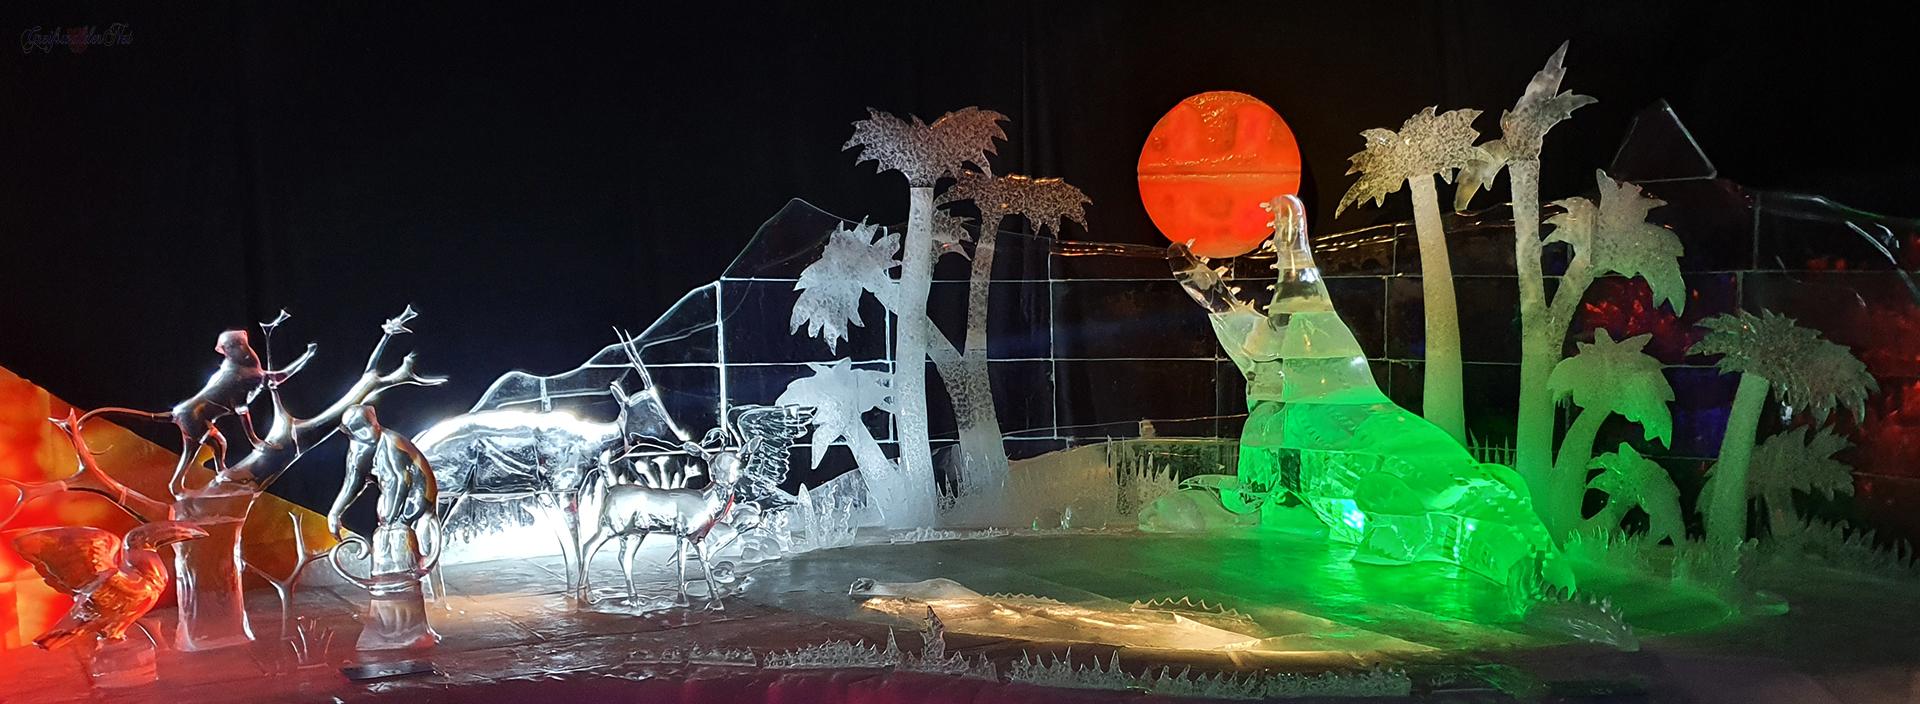 """Karls 17. Eiswelt. """"Afrika – Expedition zum Kilimanjaro"""", Eisskulpturen-Ausstellung im Erdbeerhof Rövershagen"""